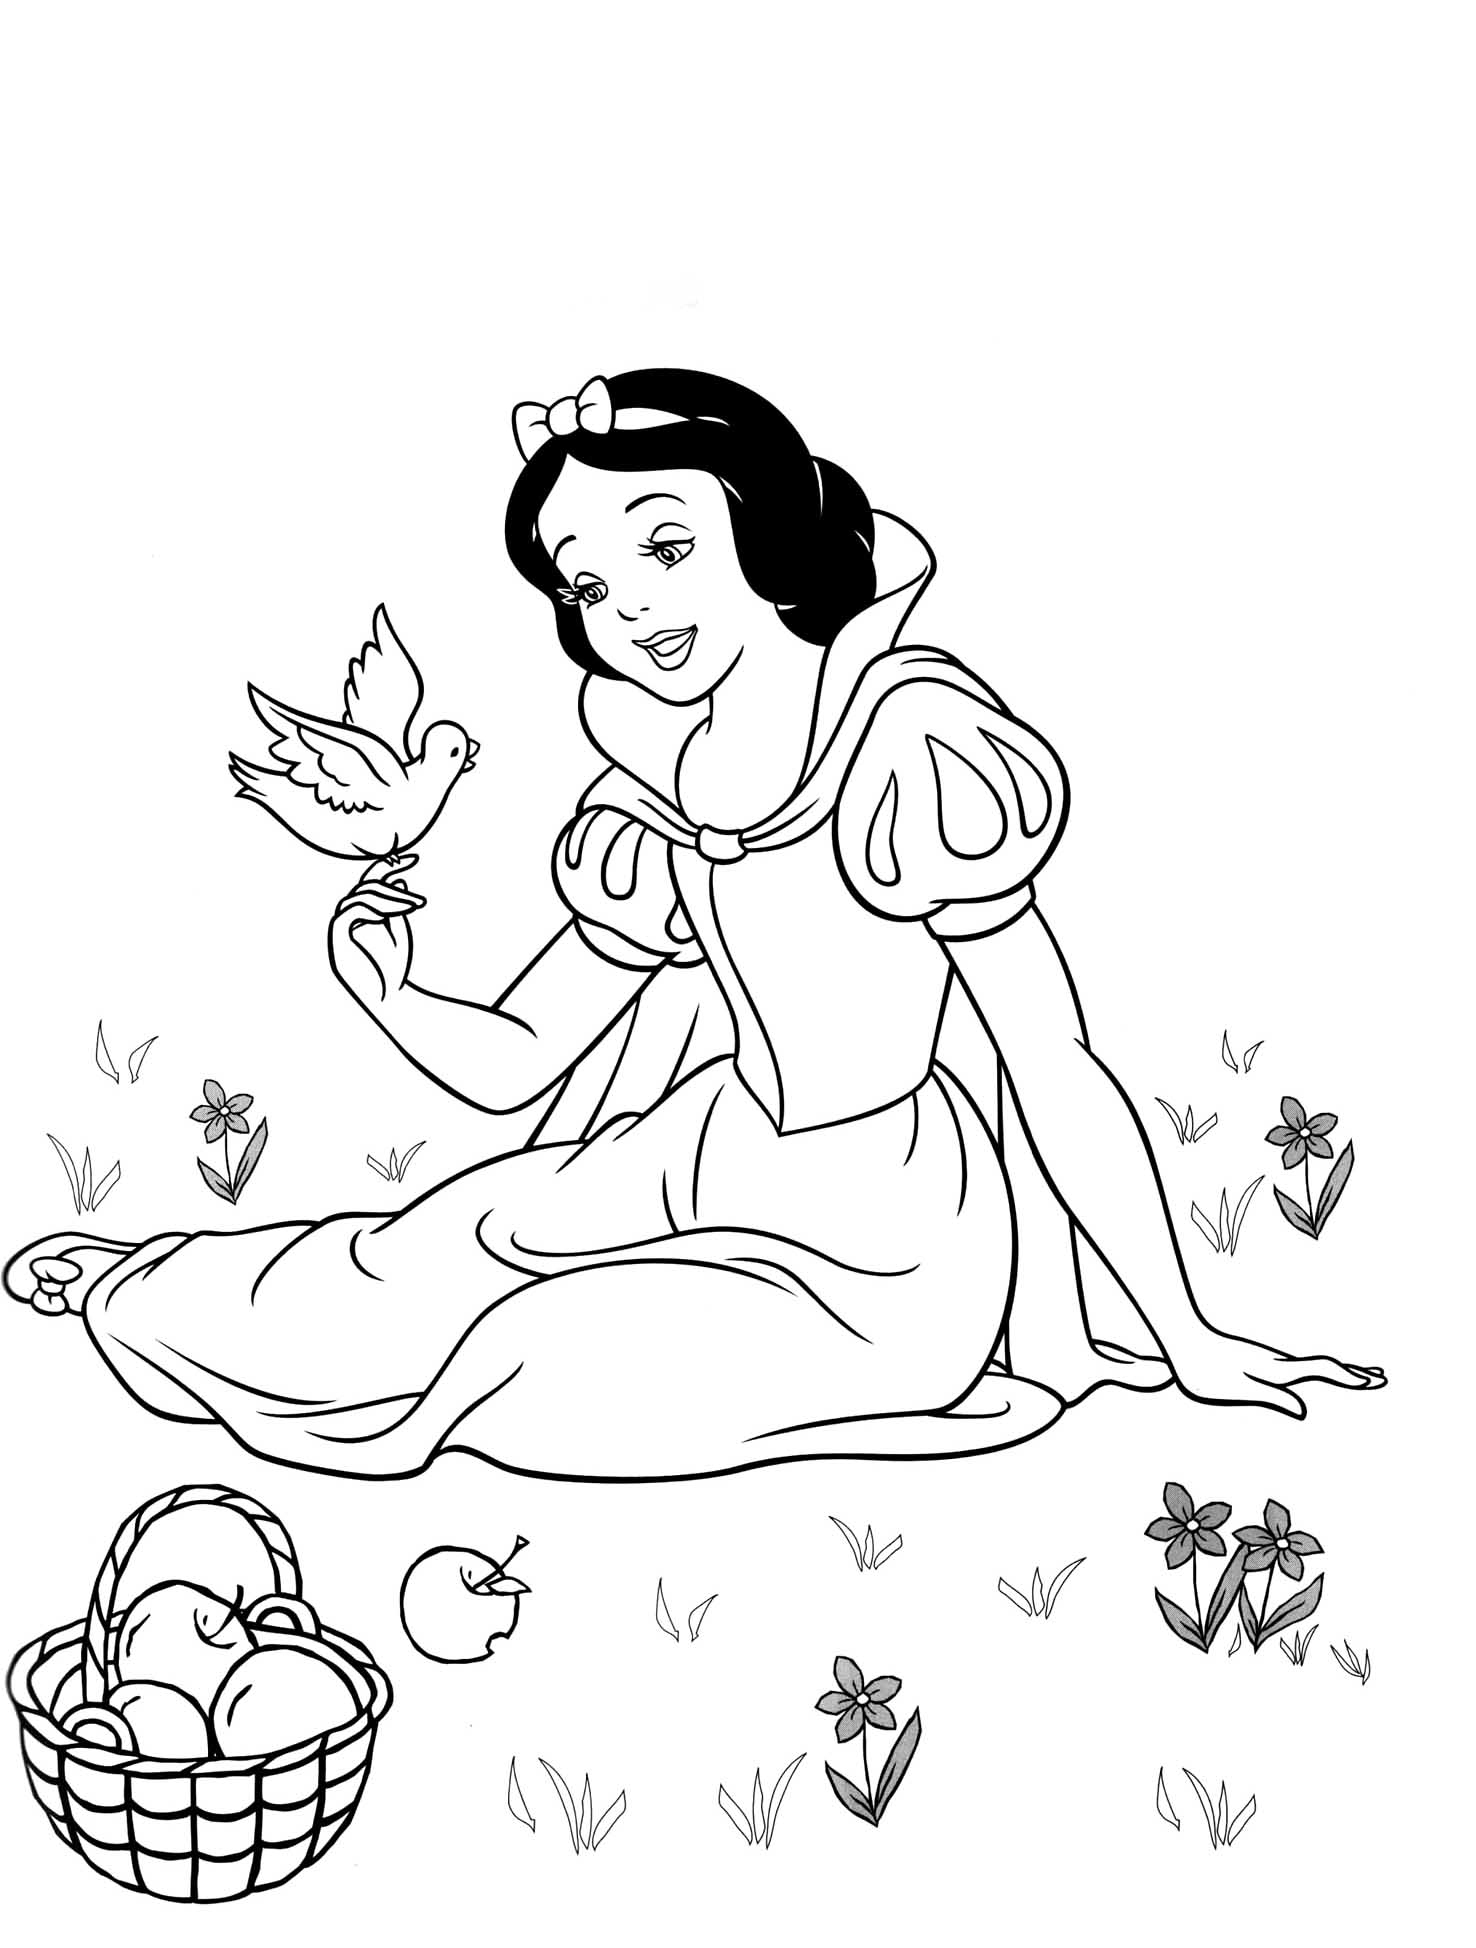 Coloriage Blanche-Neige Disney À Imprimer intérieur Coloriage De Blanche Neige À Imprimer